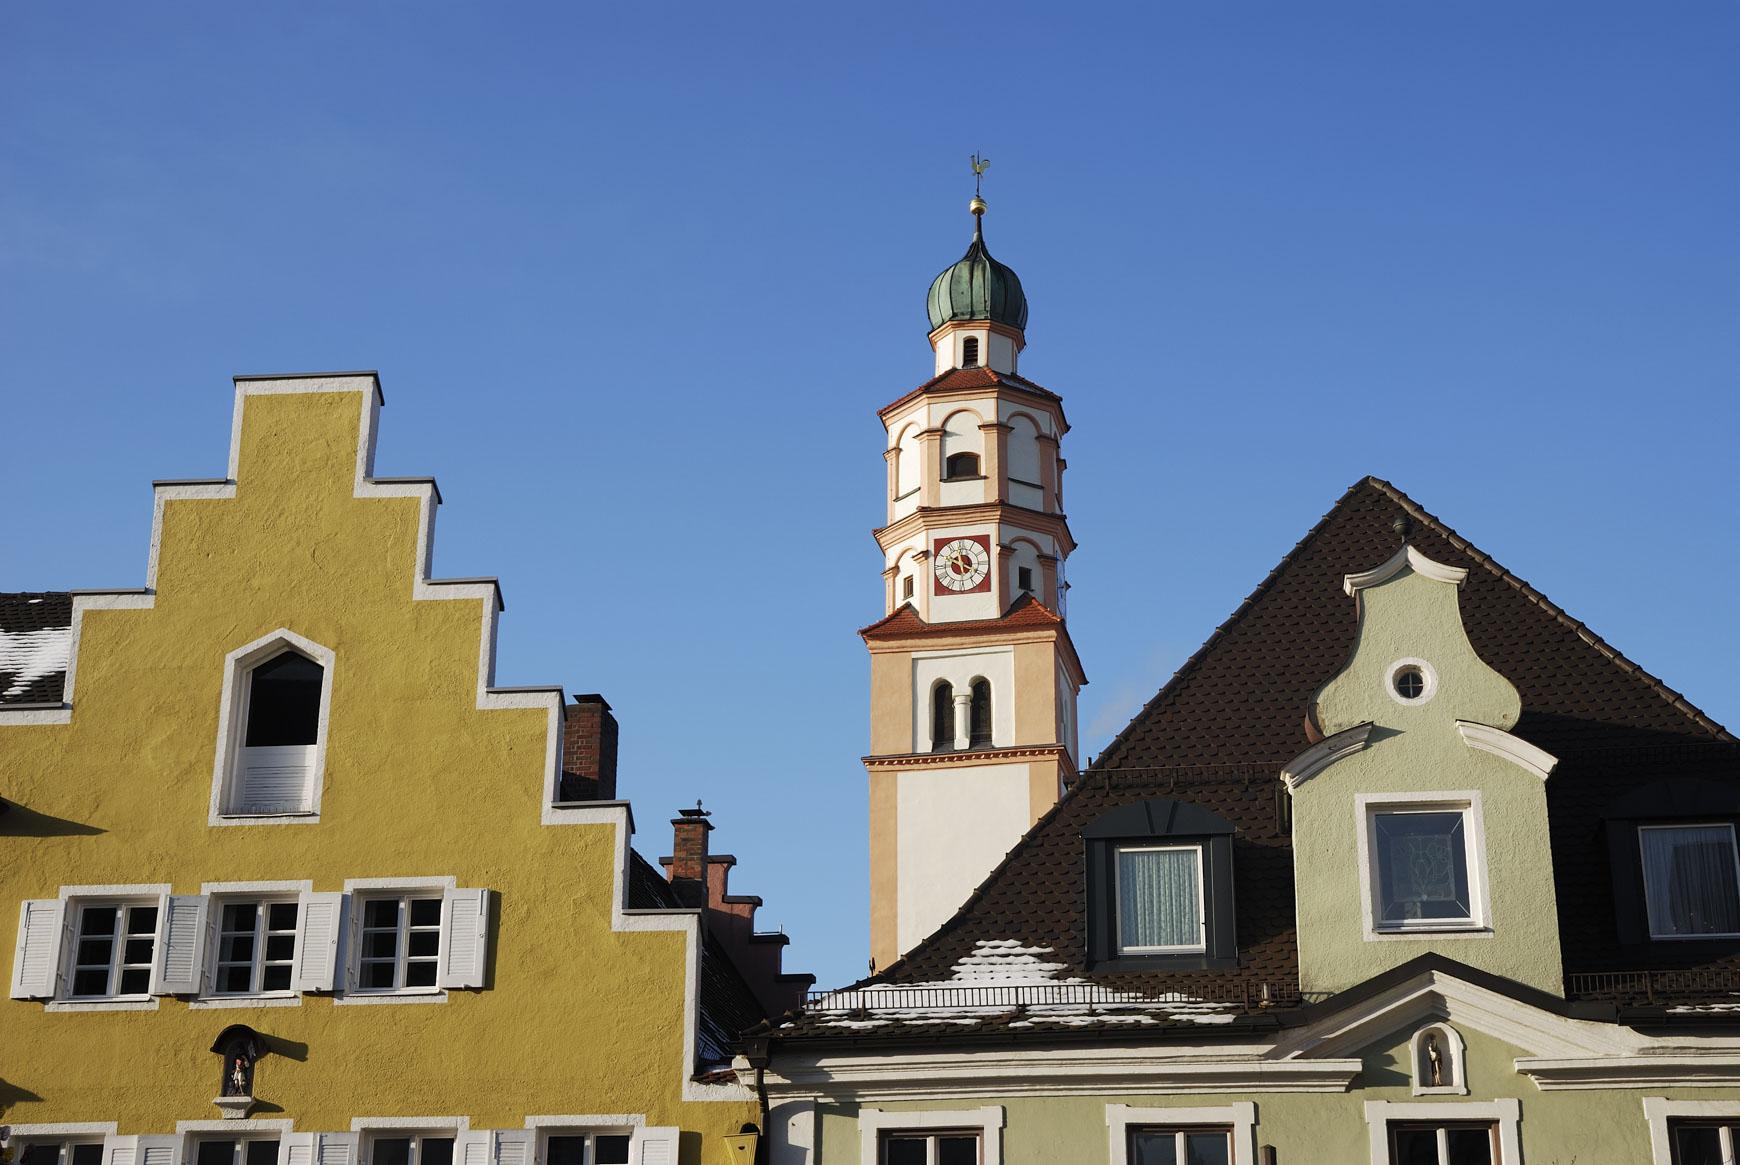 Schrobenhausen die Spargelstadt in Oberbayern